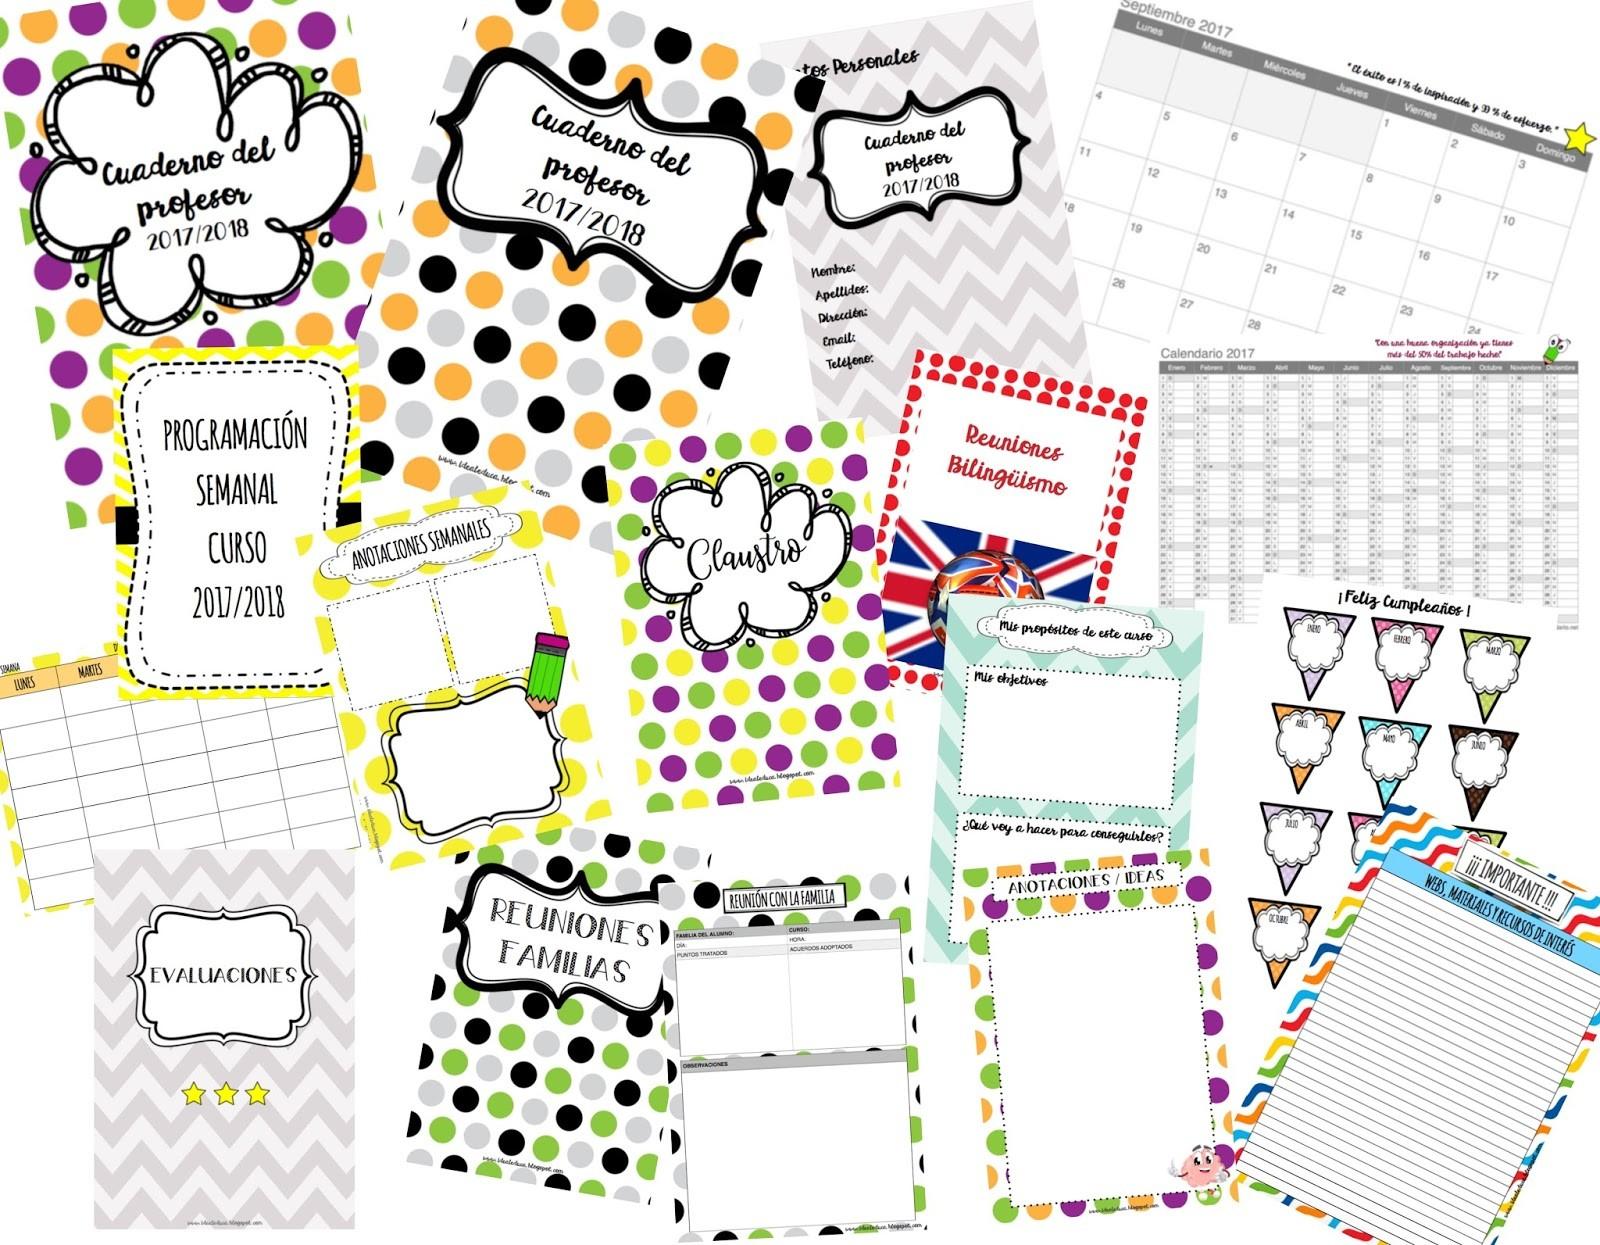 Calendario Mundial Rusia 2019 Para Imprimir Gratis Más Reciente Idealeduca ¡¡¡cuaderno Del Profesor Descarga Gratuita Of Calendario Mundial Rusia 2019 Para Imprimir Gratis Más Recientes Wall Calendar 2019 Planner Pinterest